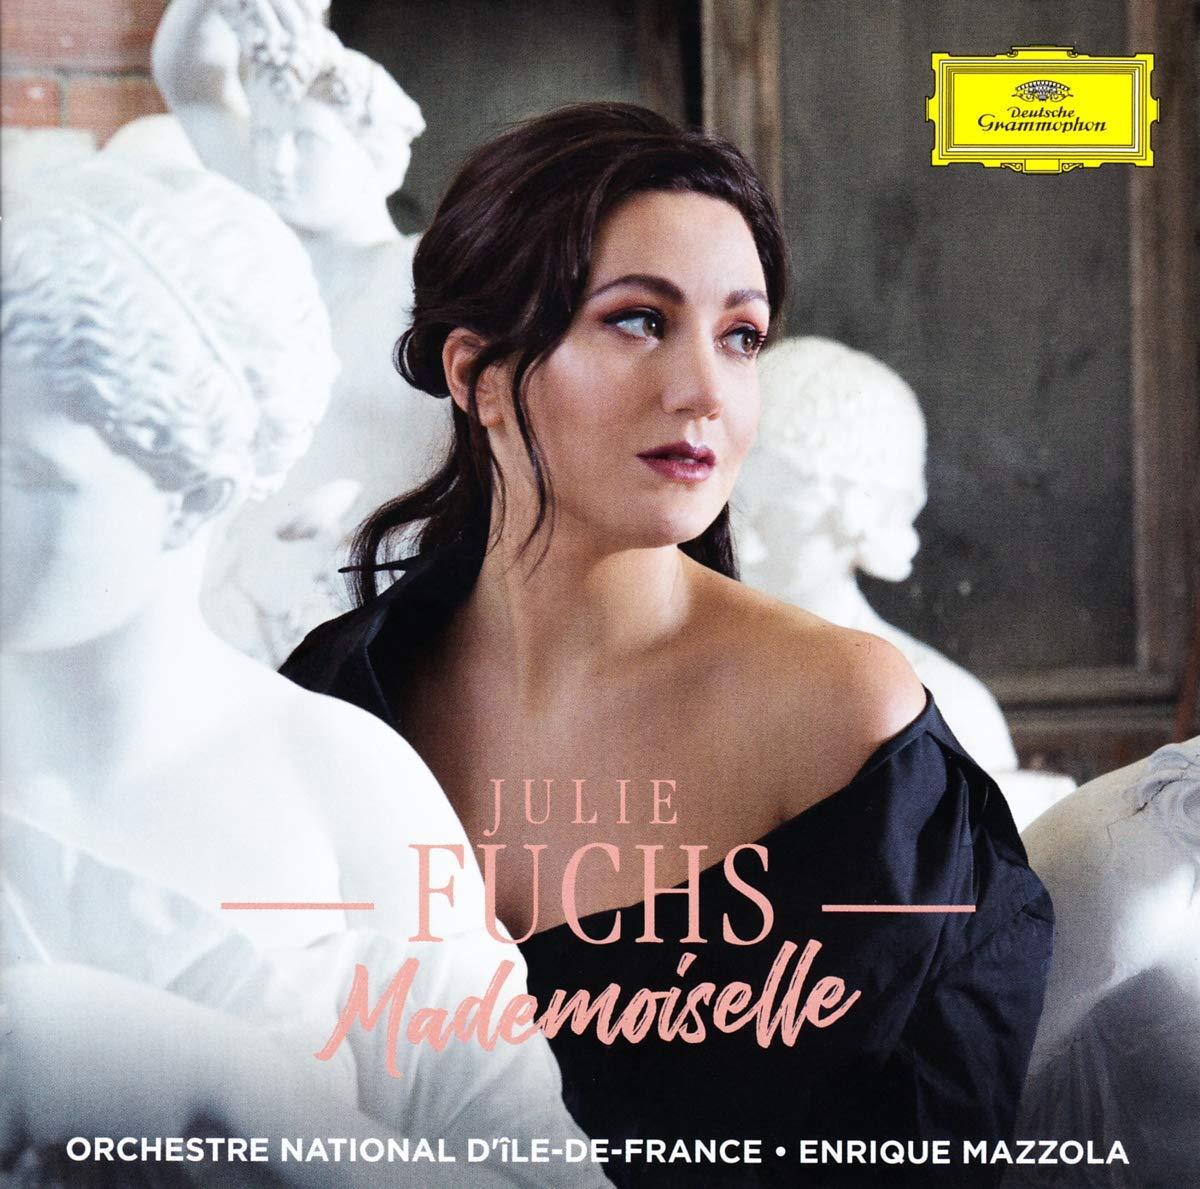 Julie Fuchs – Mademoiselle (2019) [FLAC]